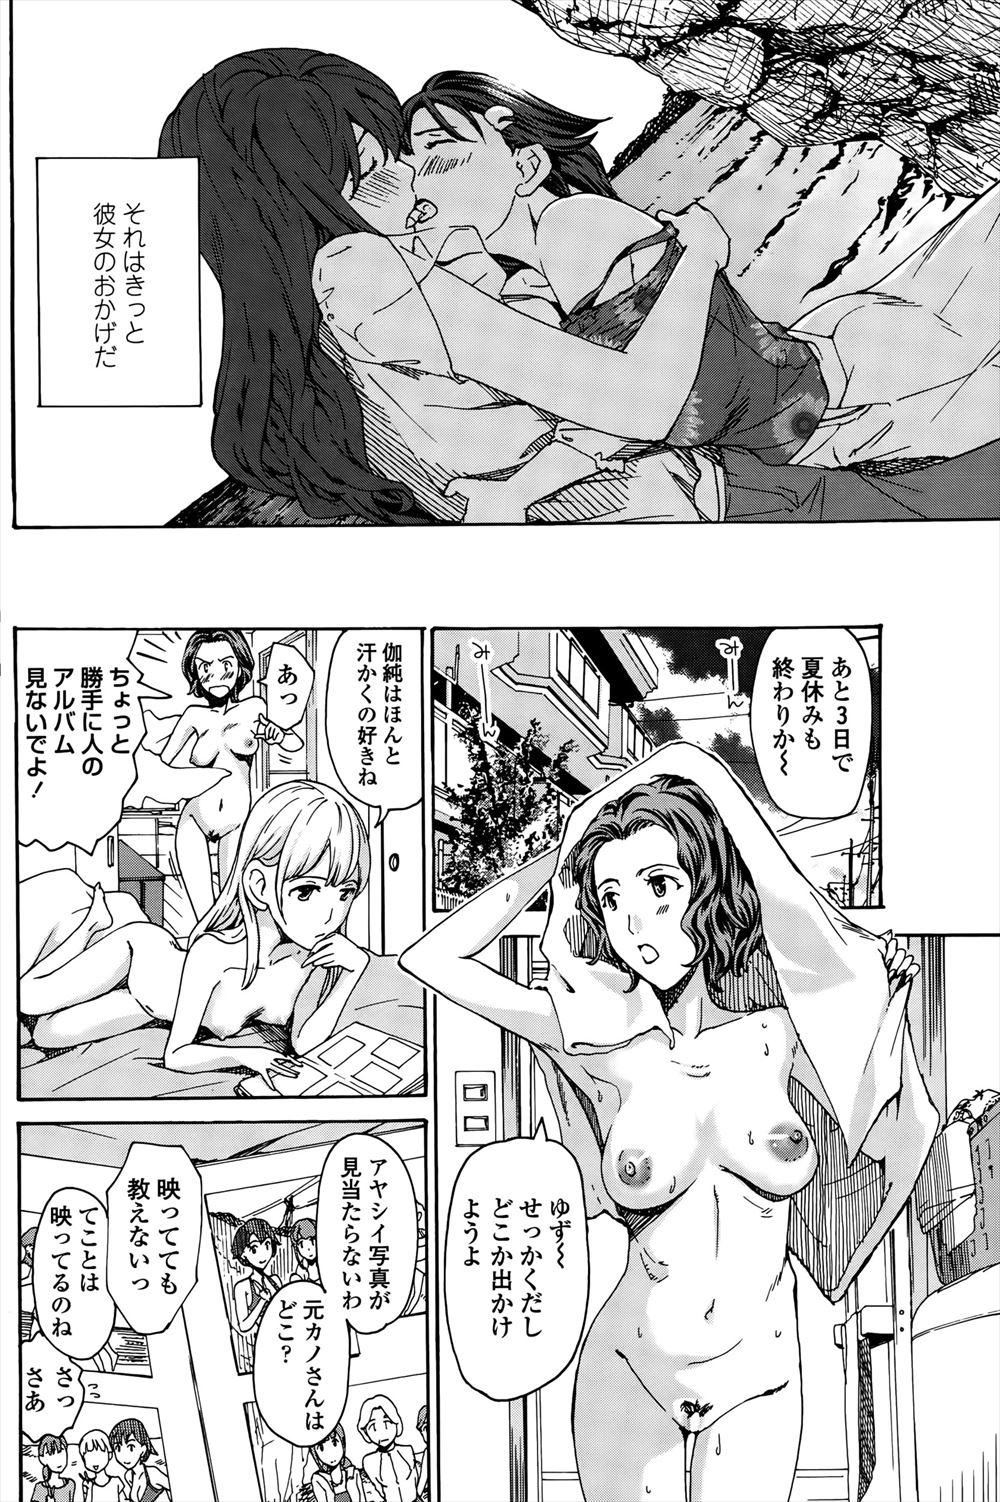 【エロ漫画・エロ同人誌】年上の巨乳彼女と付き合ってるちっぱい少女が青姦レズセックスしてるンゴwww (20)